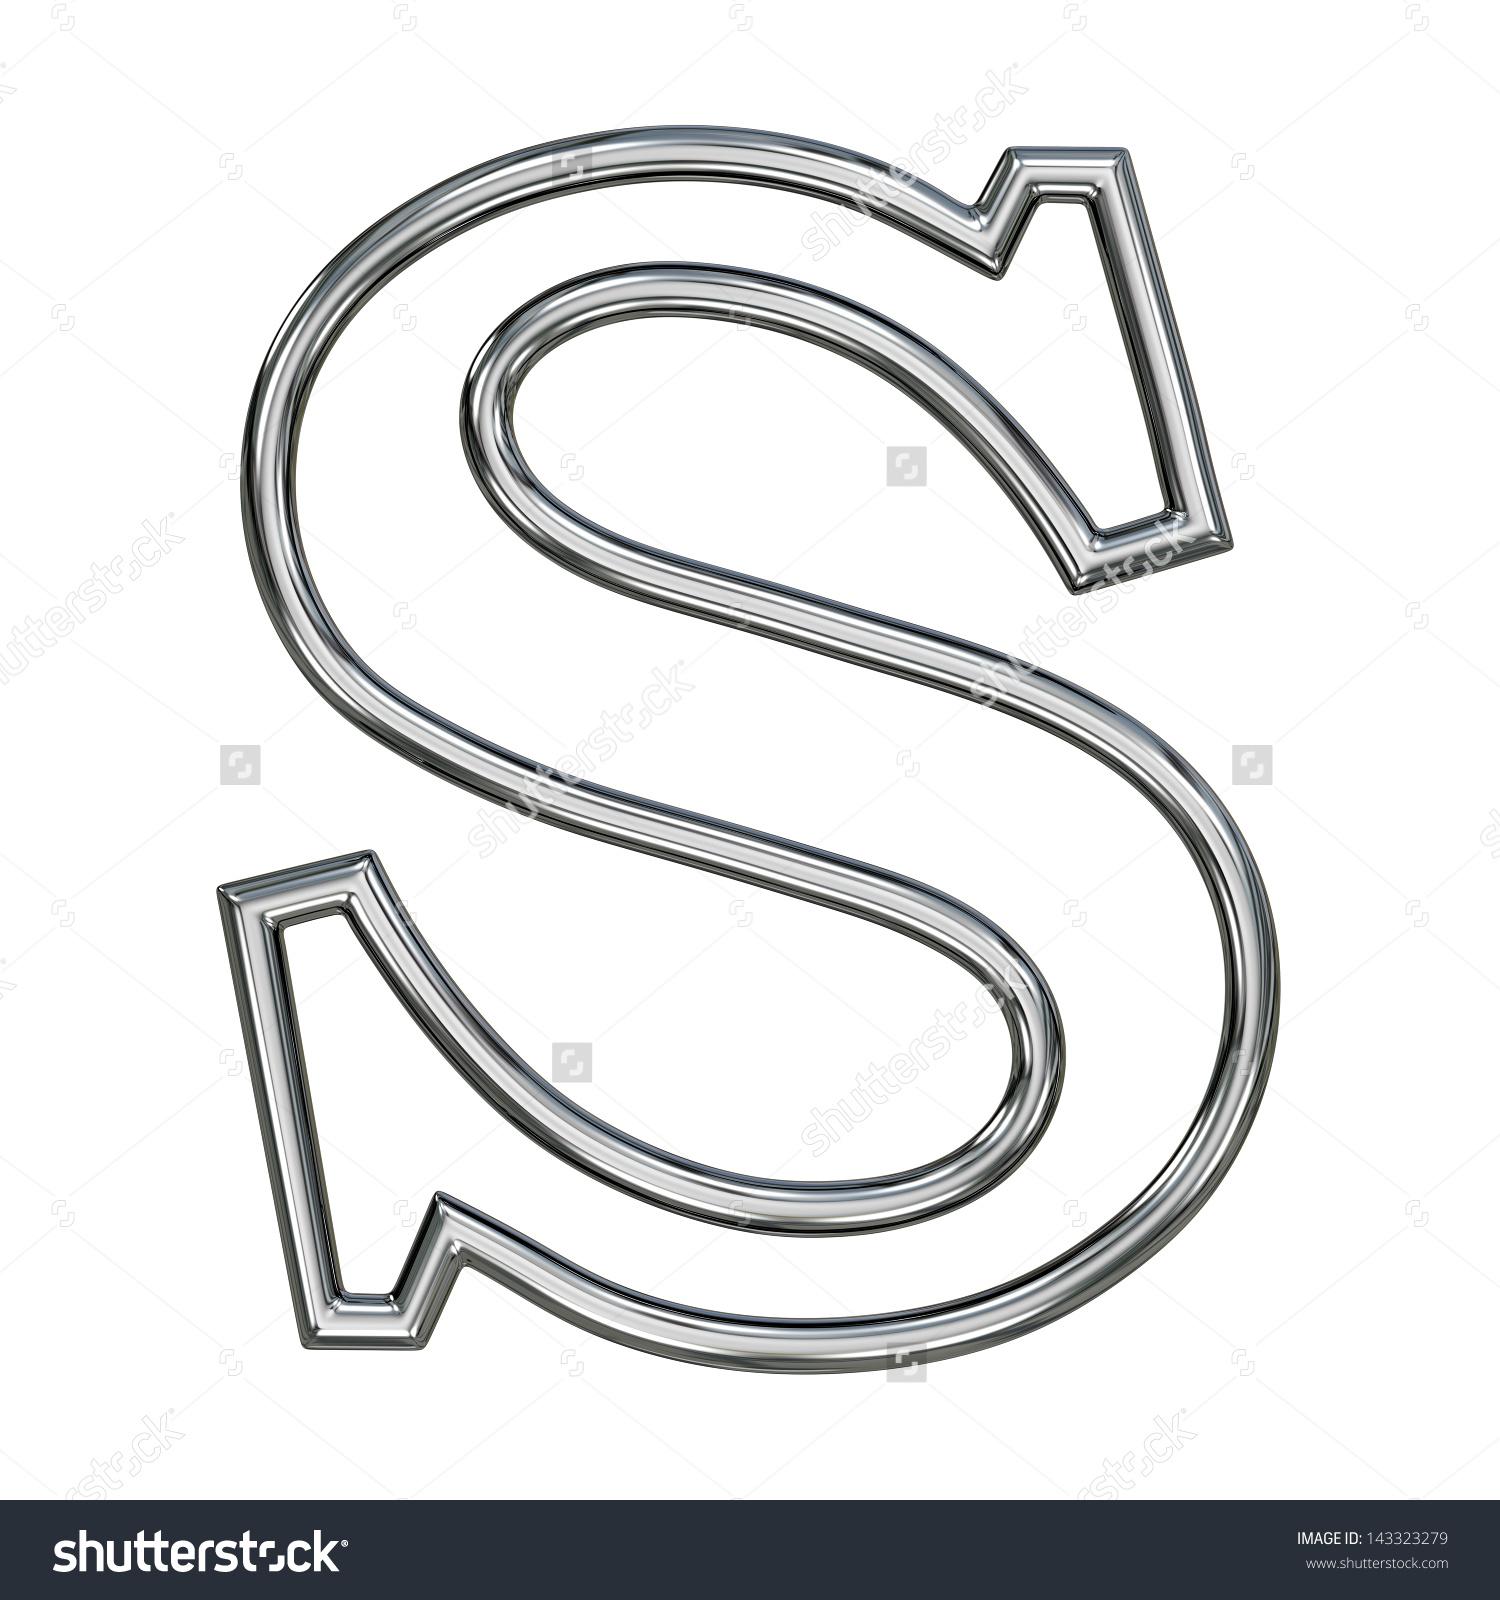 Alphabet Symbol S Chrome Pipe Outline Stock Illustration 143323279.